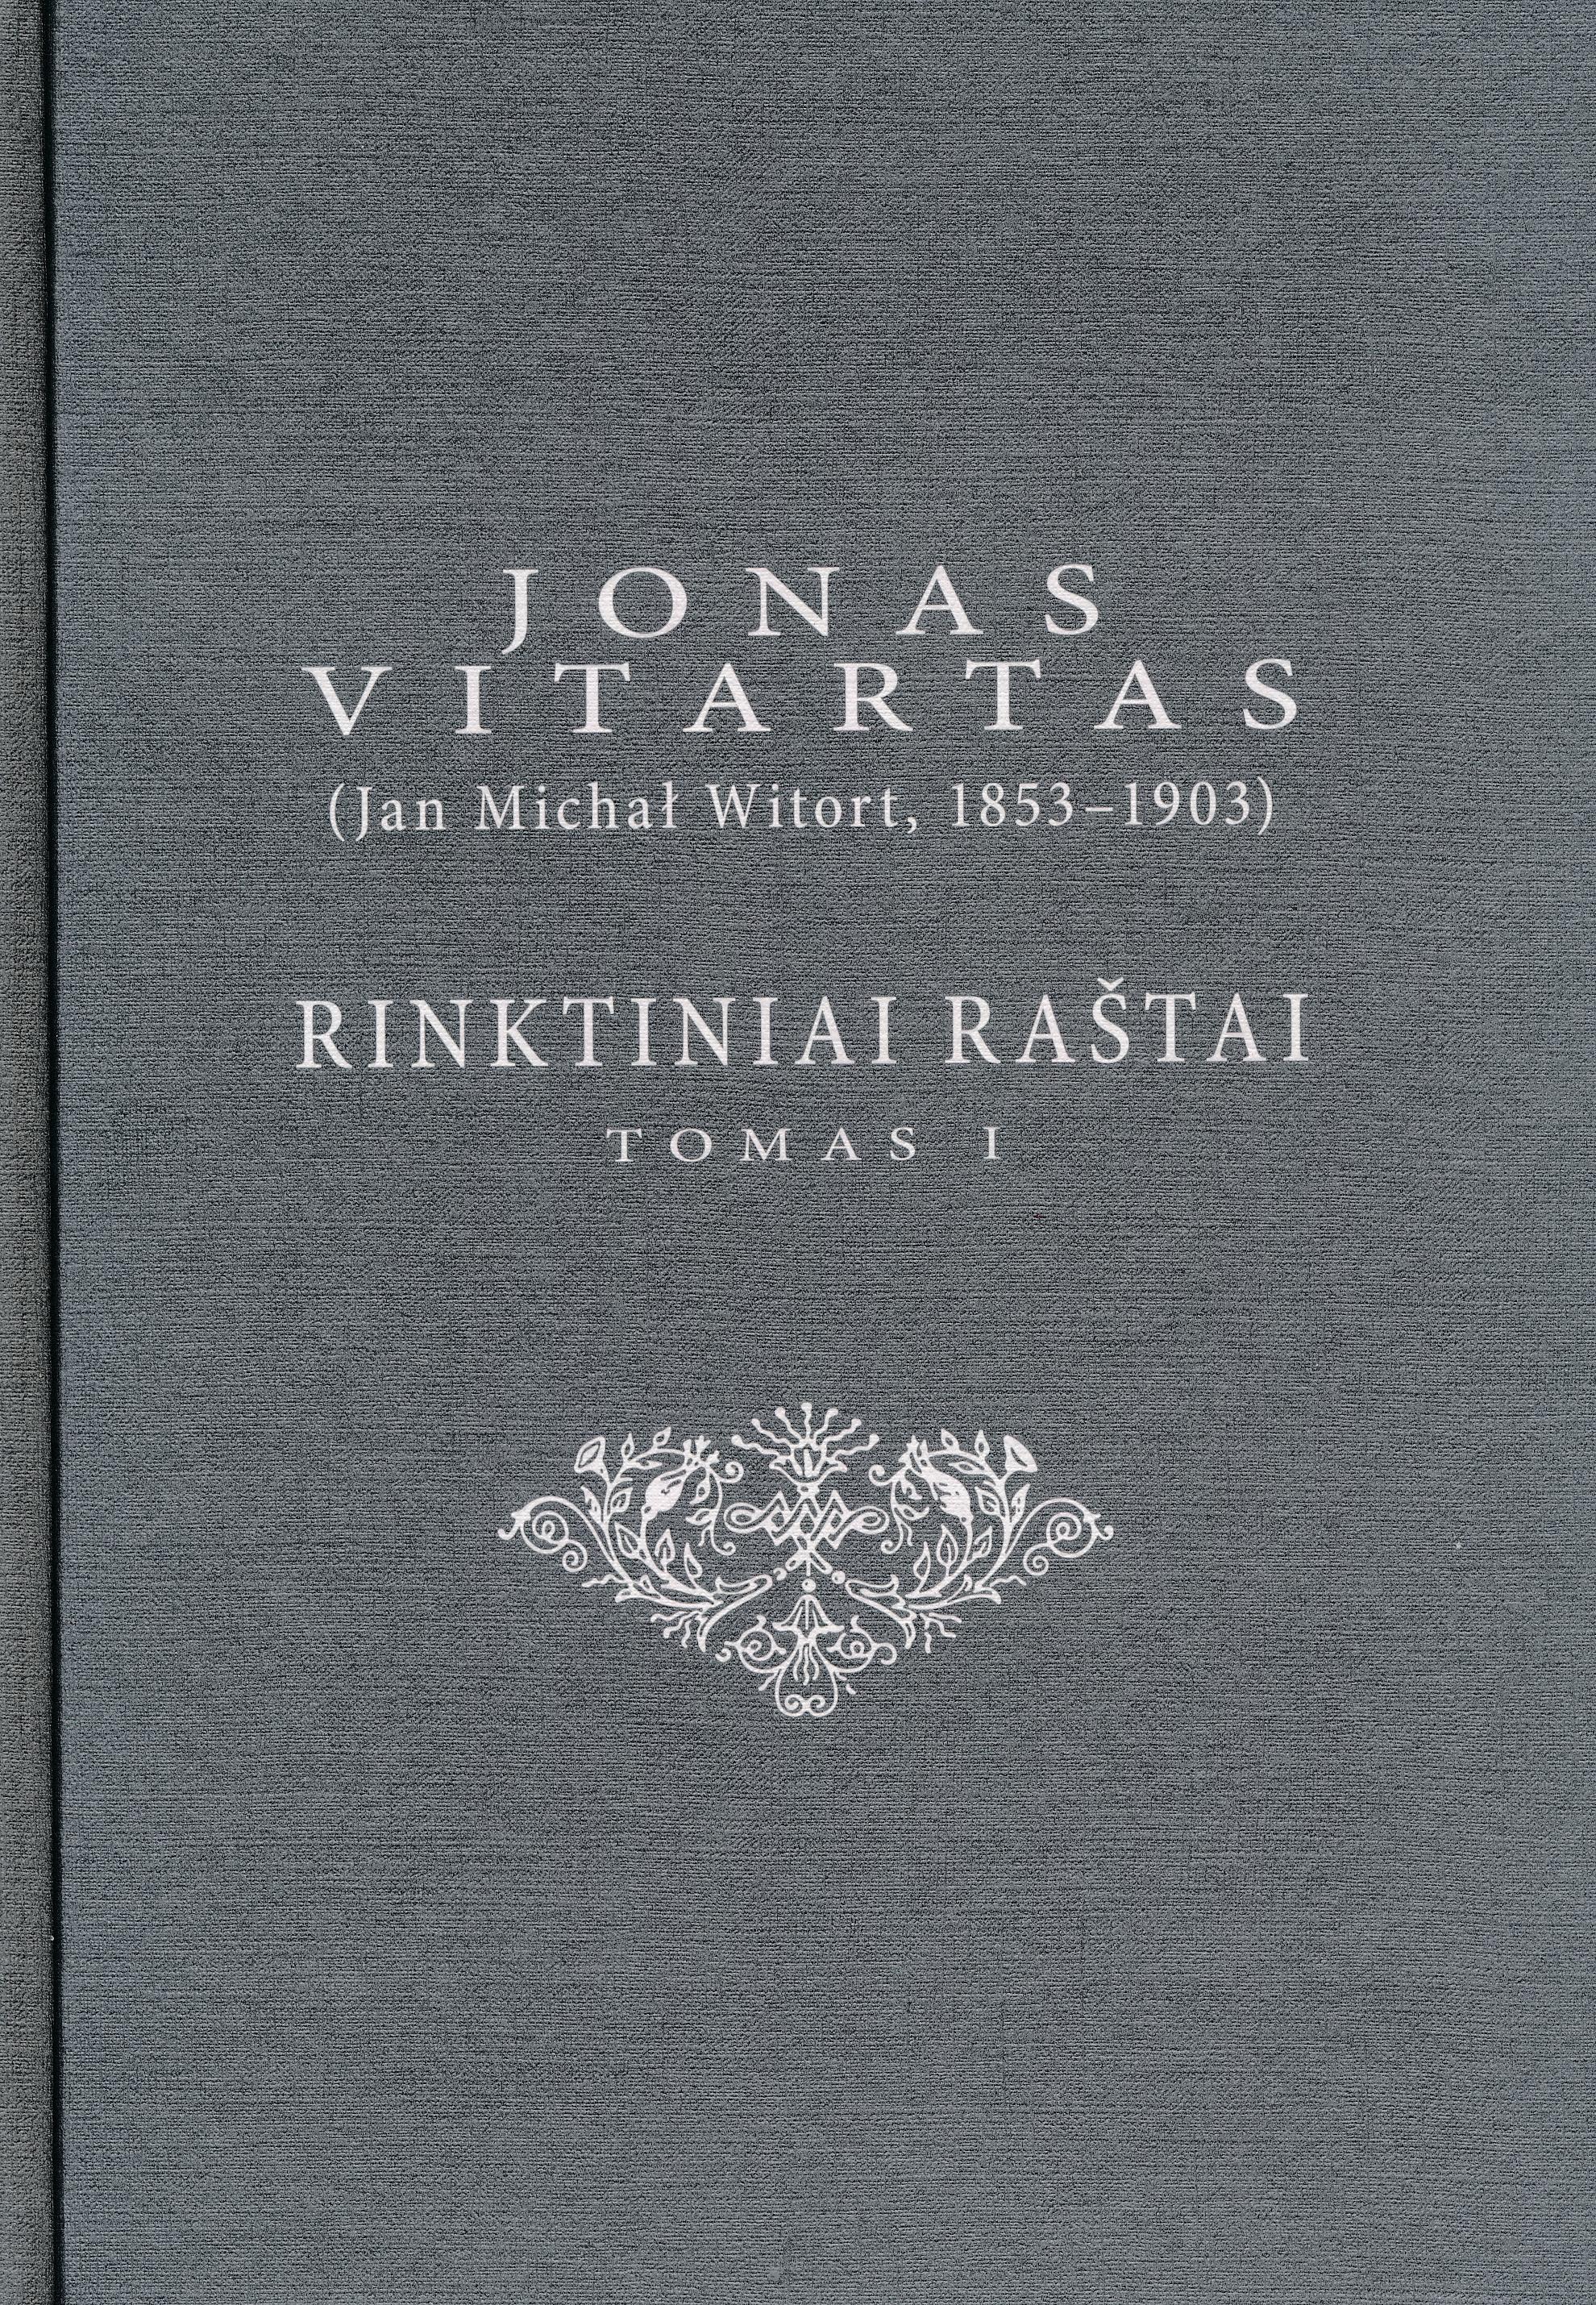 Jonas Vitartas